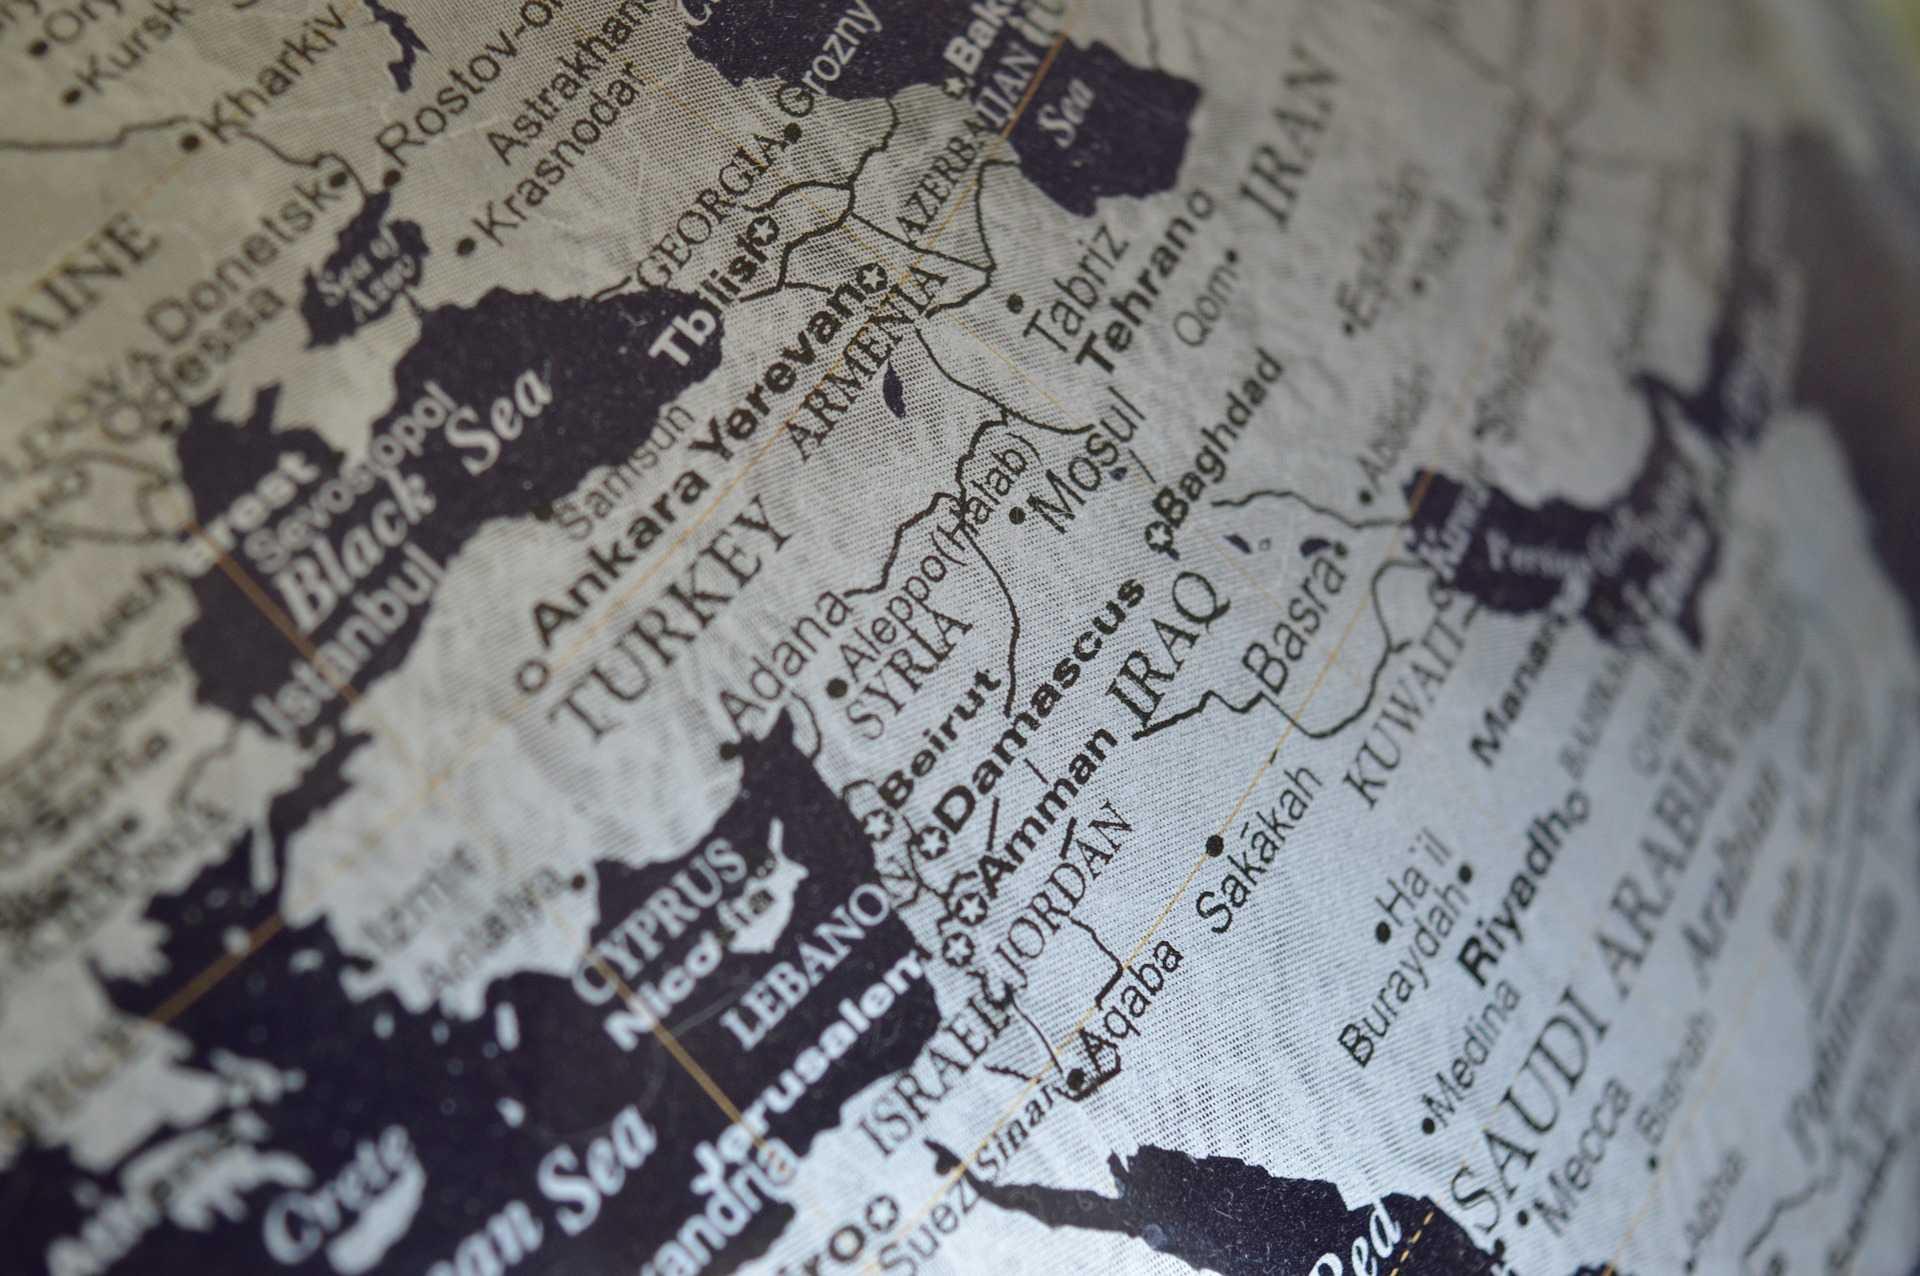 Guerra in Siria: aggiornamenti da una terra martoriata